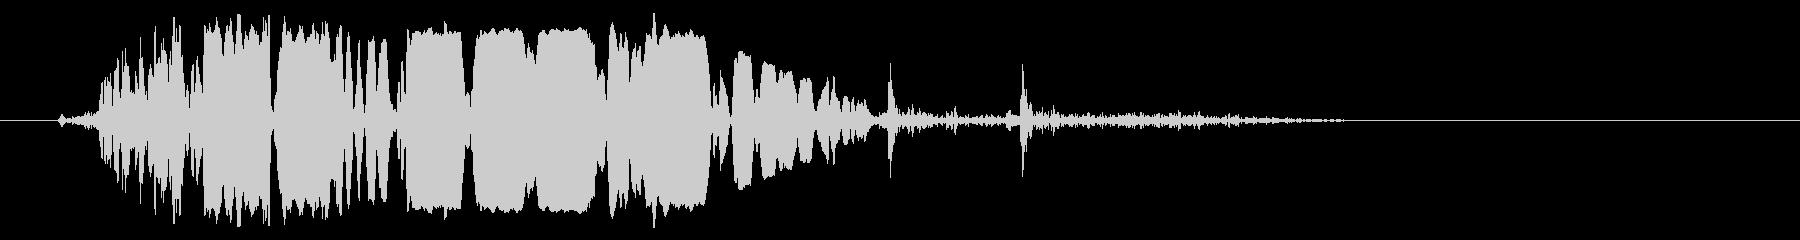 ドンッという重みのある鈍い音の未再生の波形